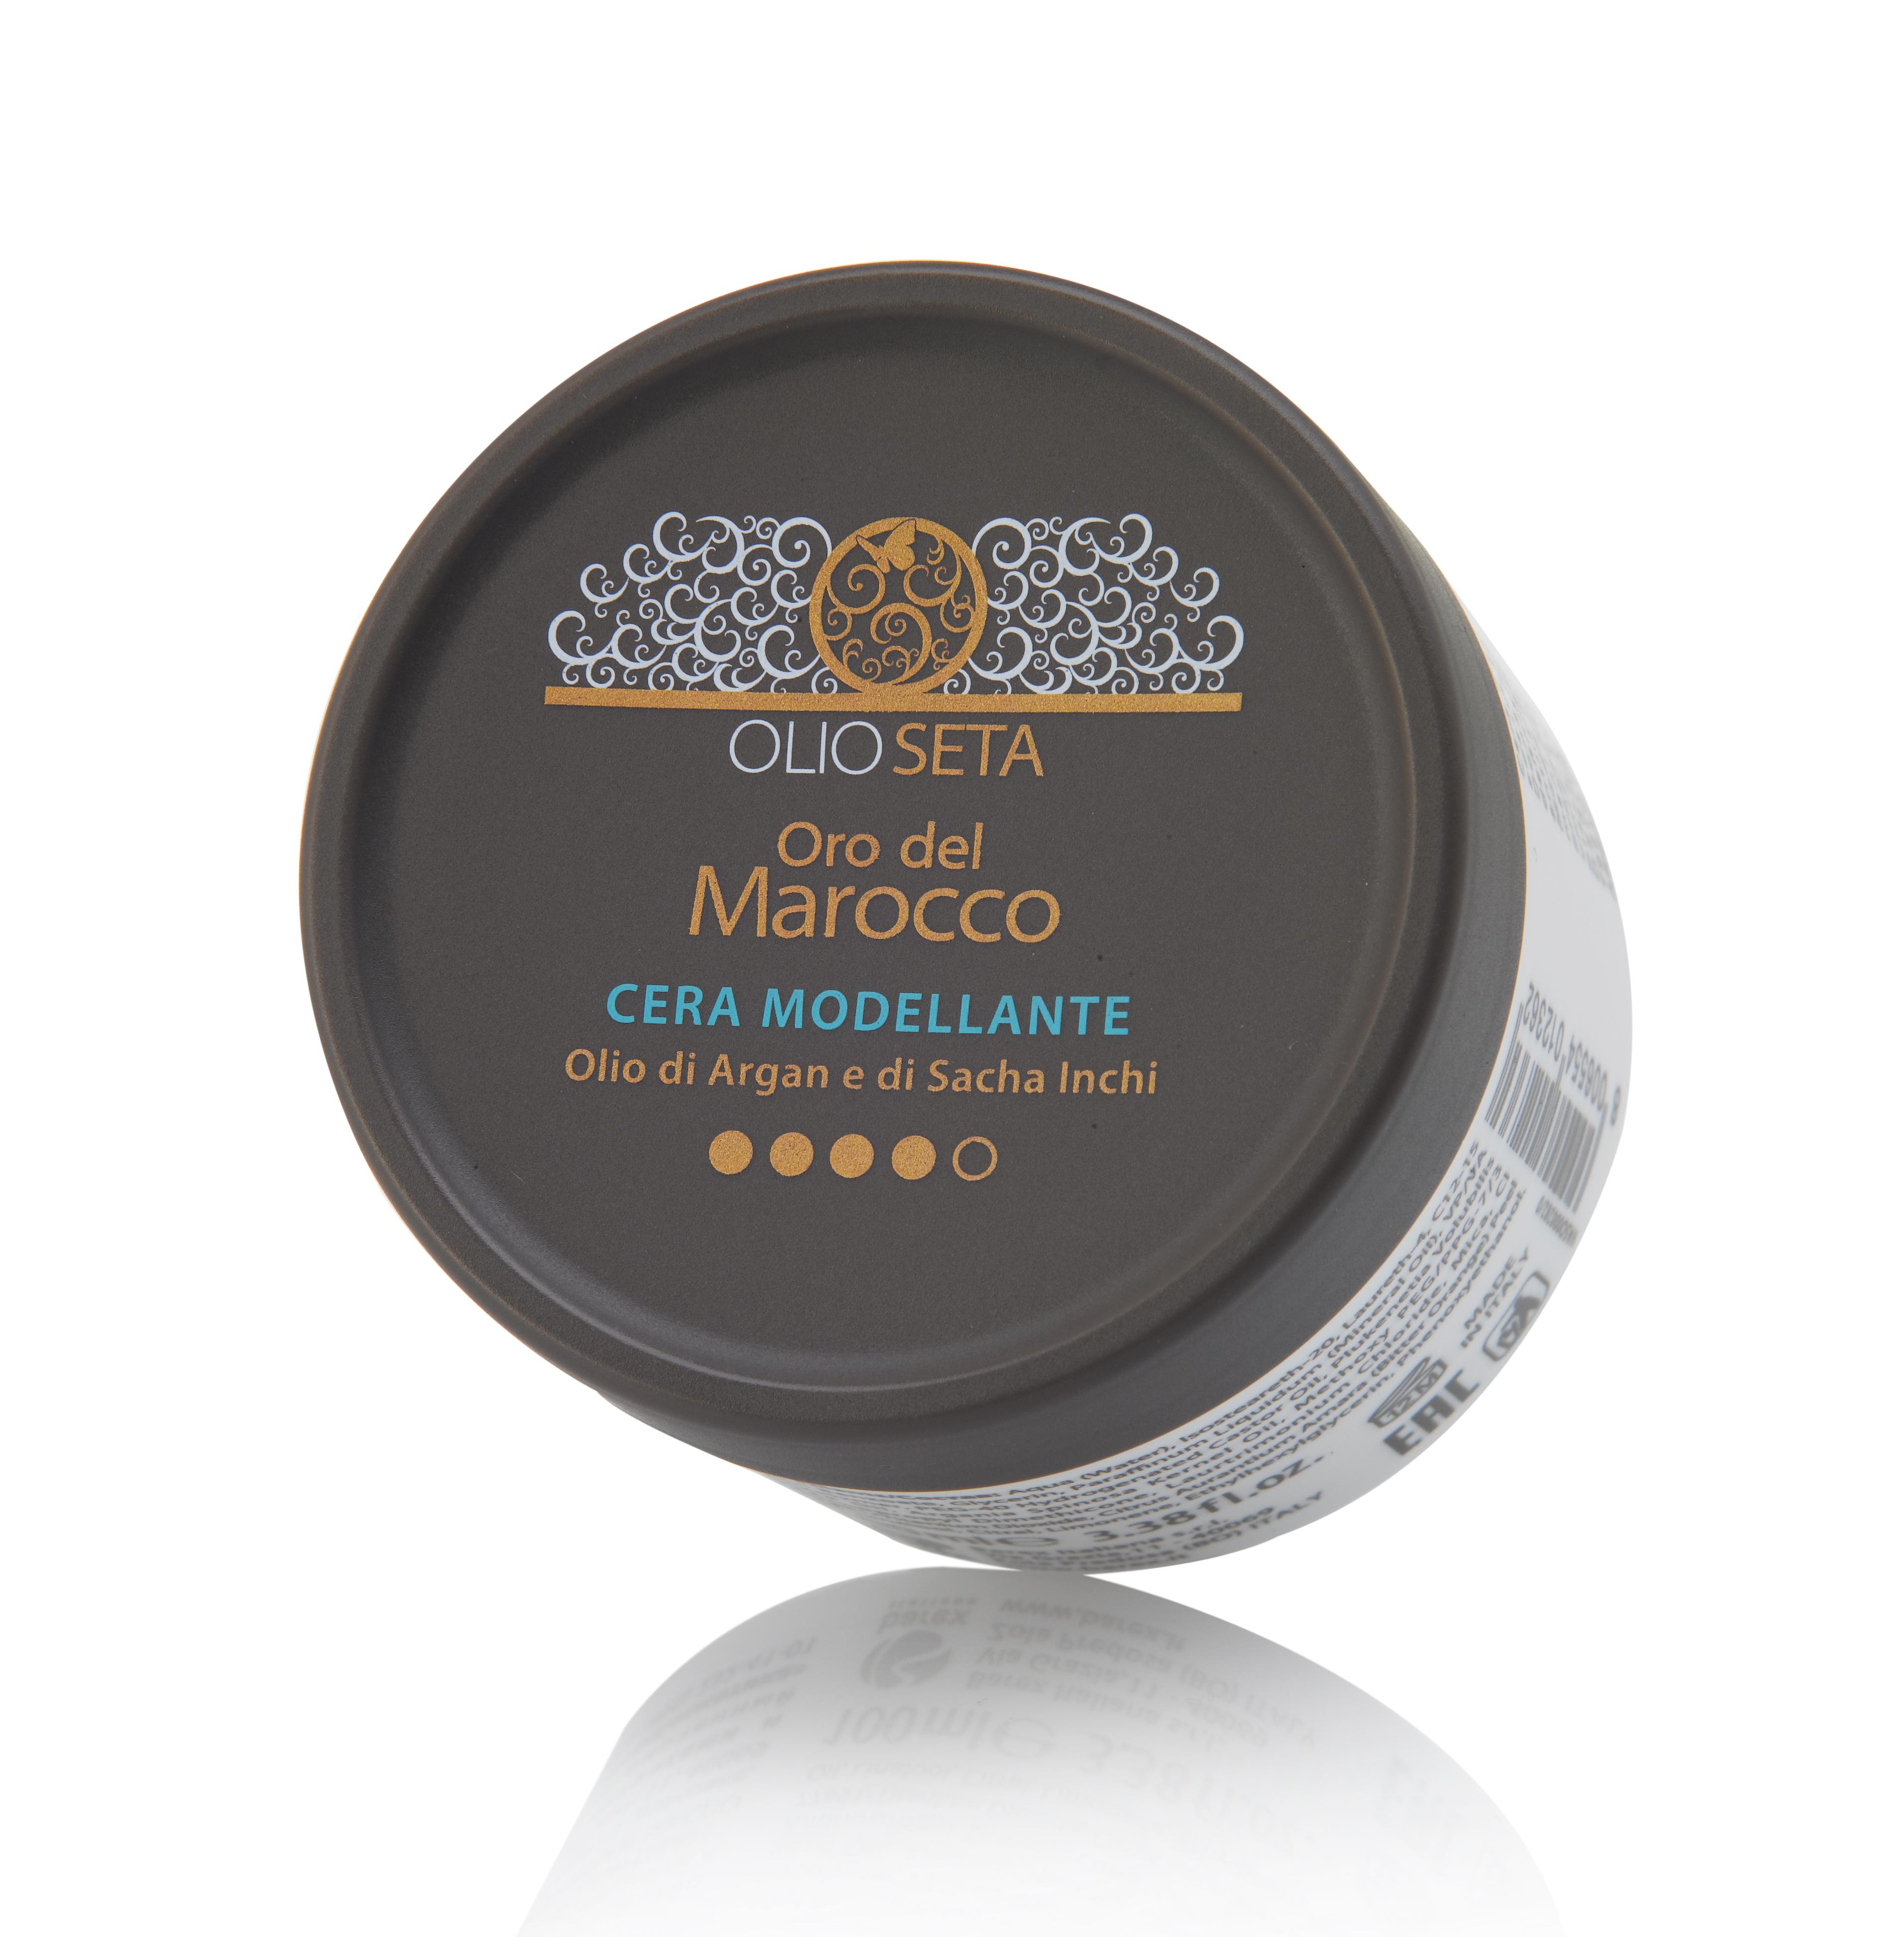 BAREX Воск моделирующий / OLIOSETA ORO DEL MOROCCO Cera Modellante Olio di Argan e di Sacha Inchi 100мл масло для волос morocco argan oil morocco argan oil mo046lwfcj21